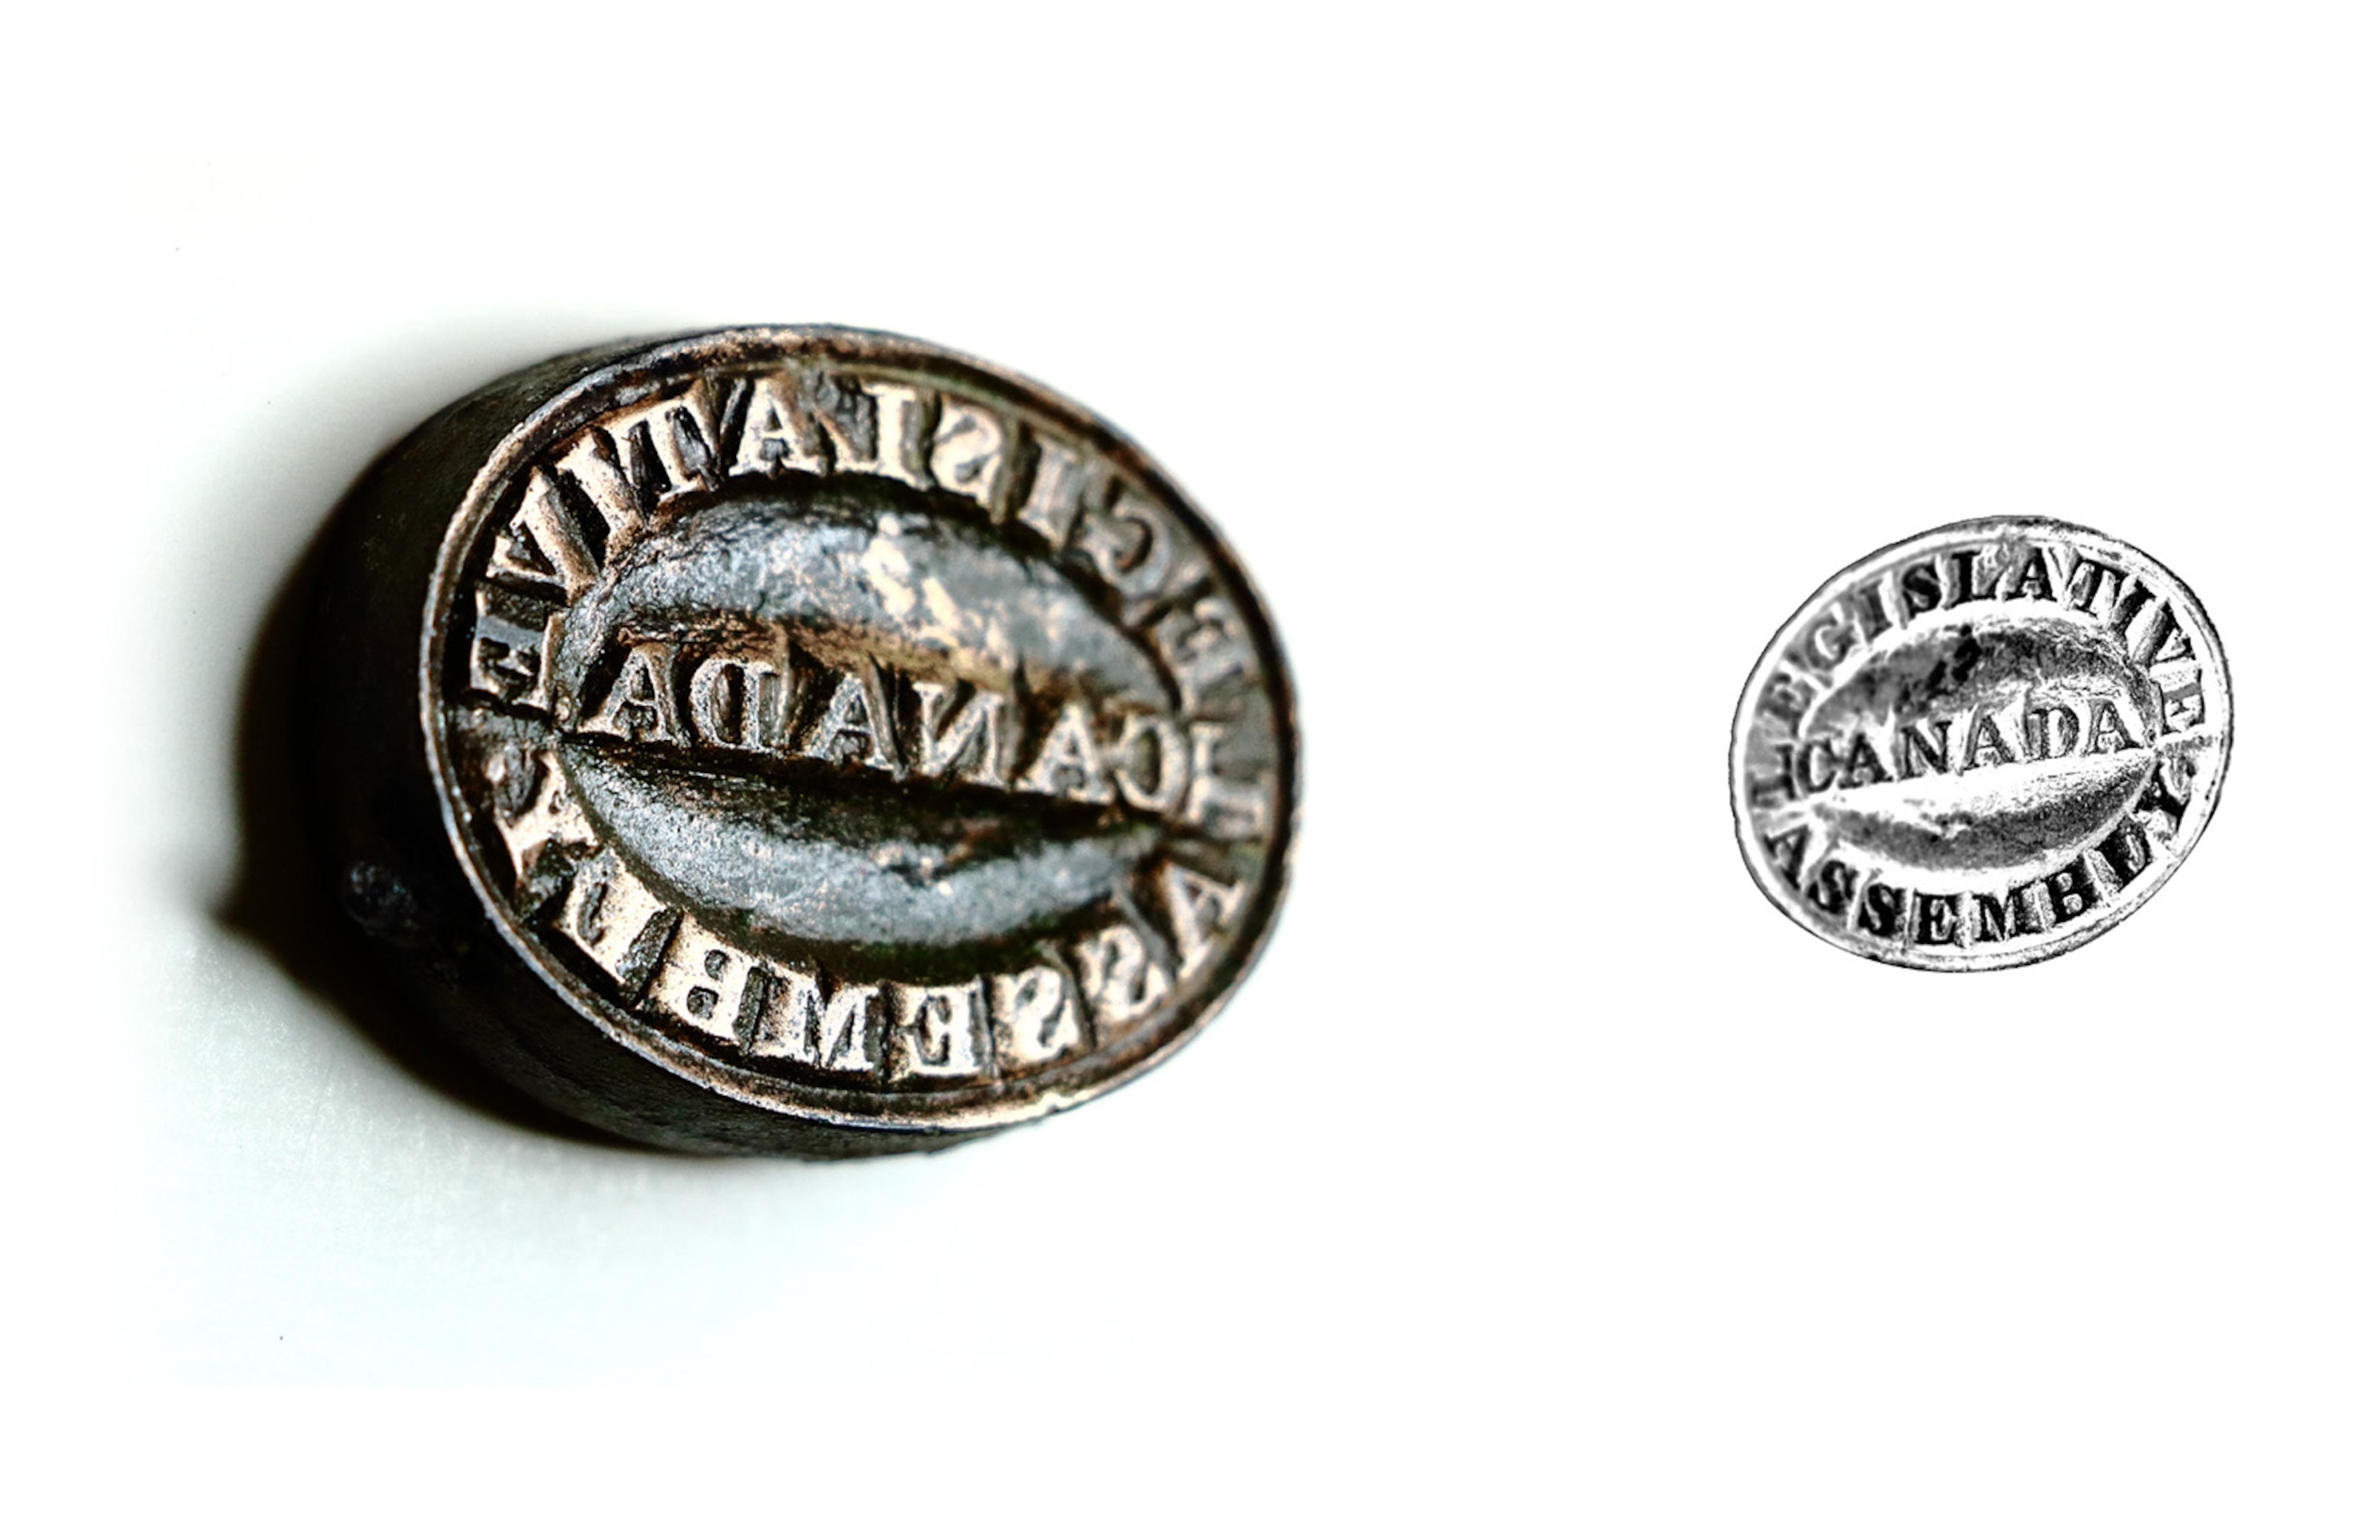 Un tampon encreur en métal sur lequel il est écrit Legislative Assembly Canada